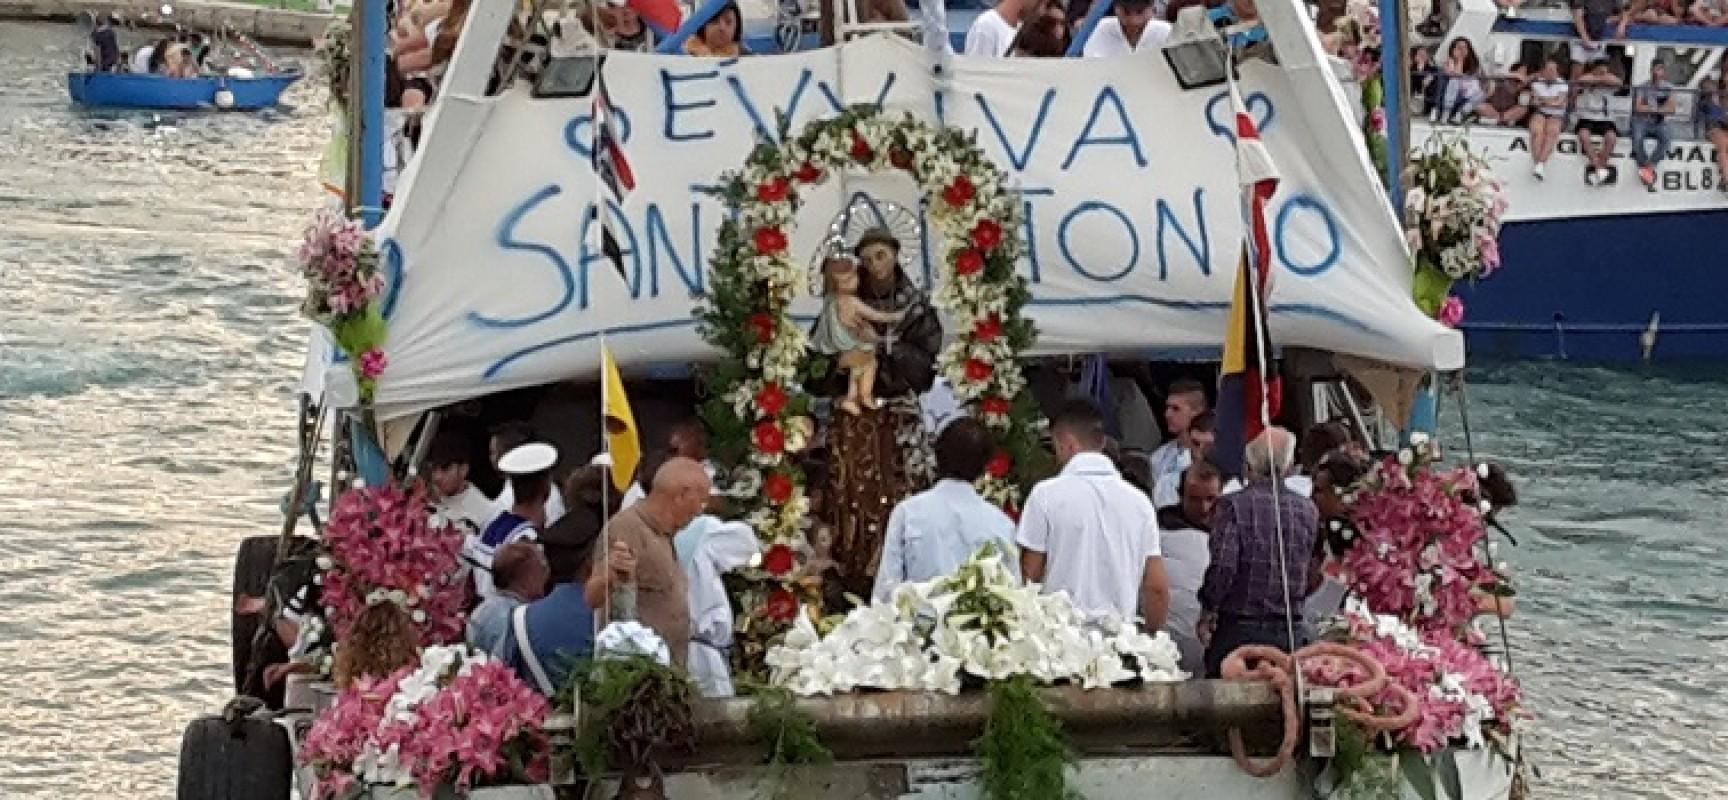 Solennità di Sant'Antonio, rimandata causa maltempo la processione